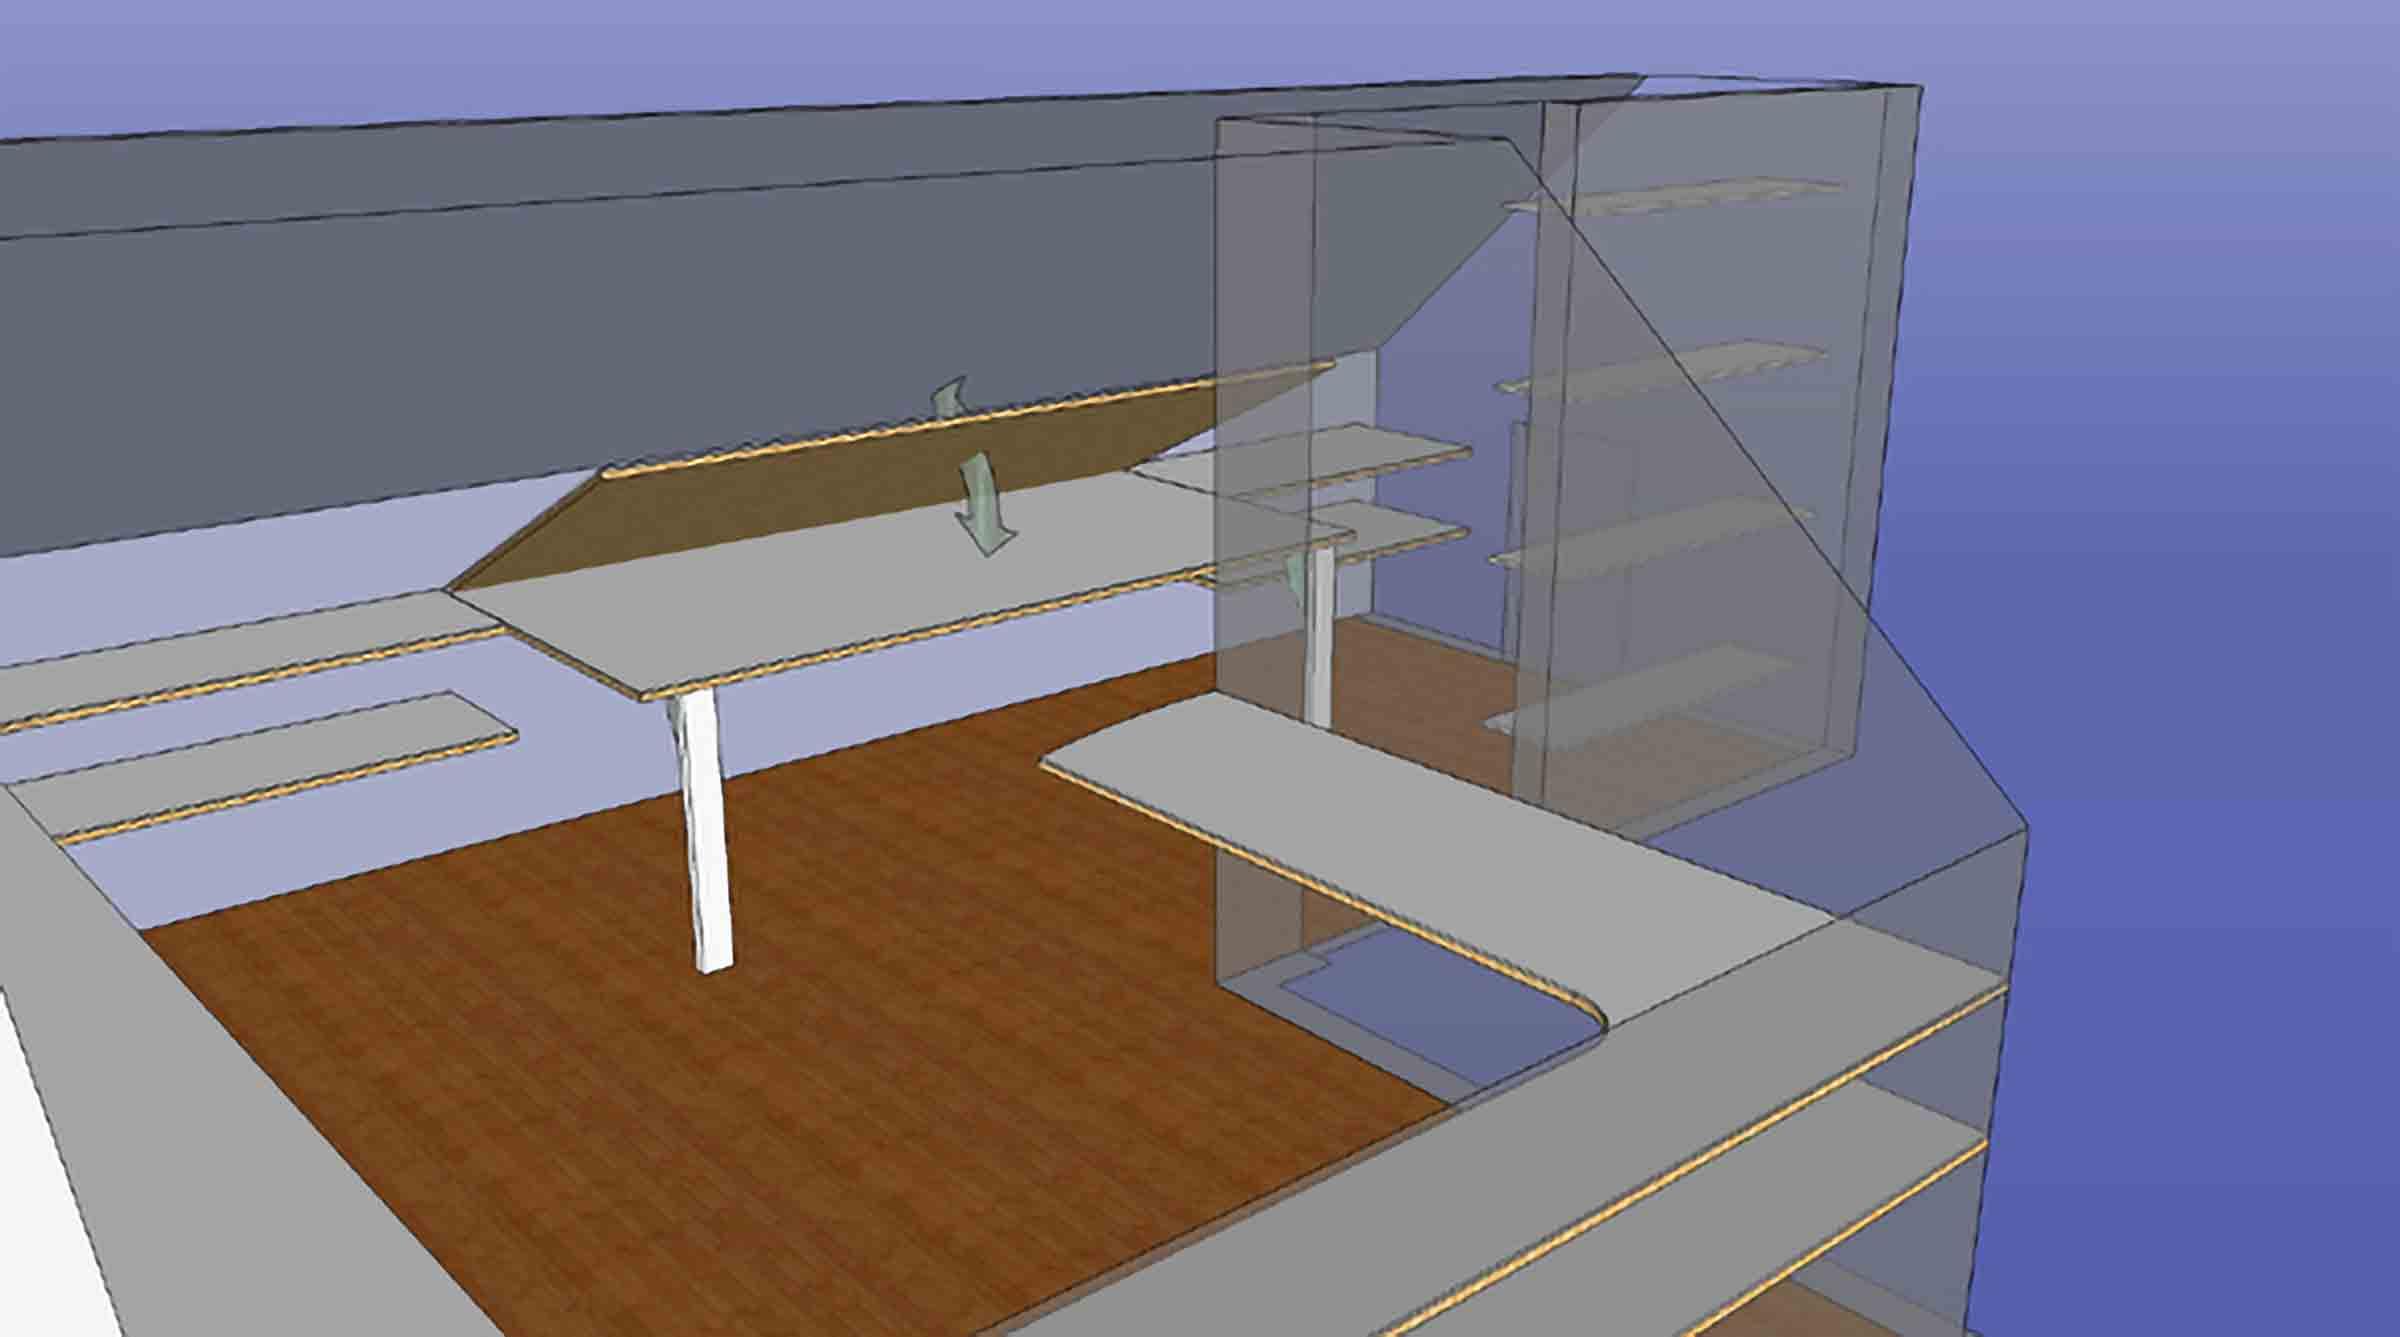 Modular Shelving side view